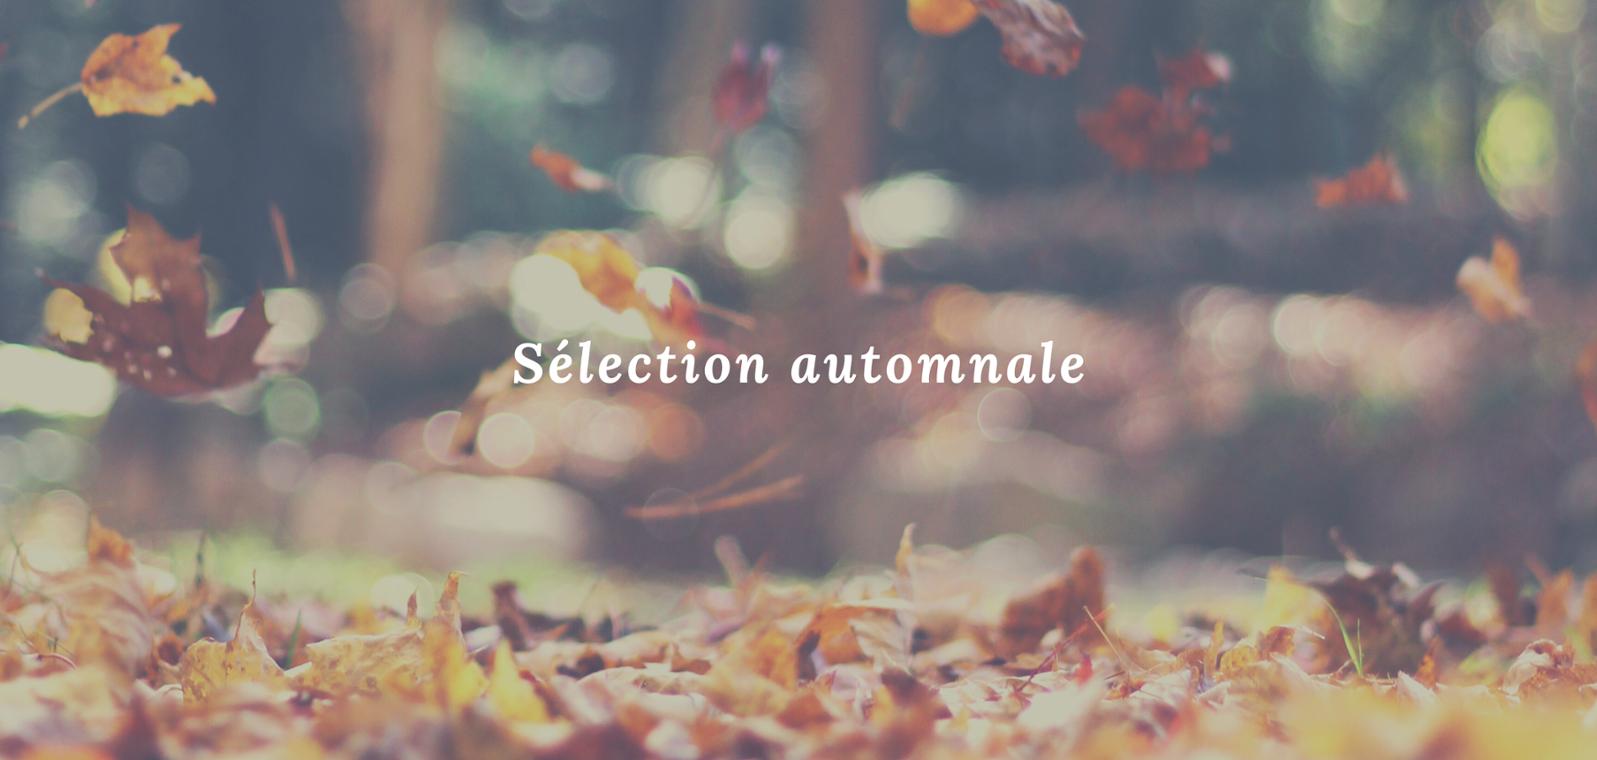 Sélection automnale